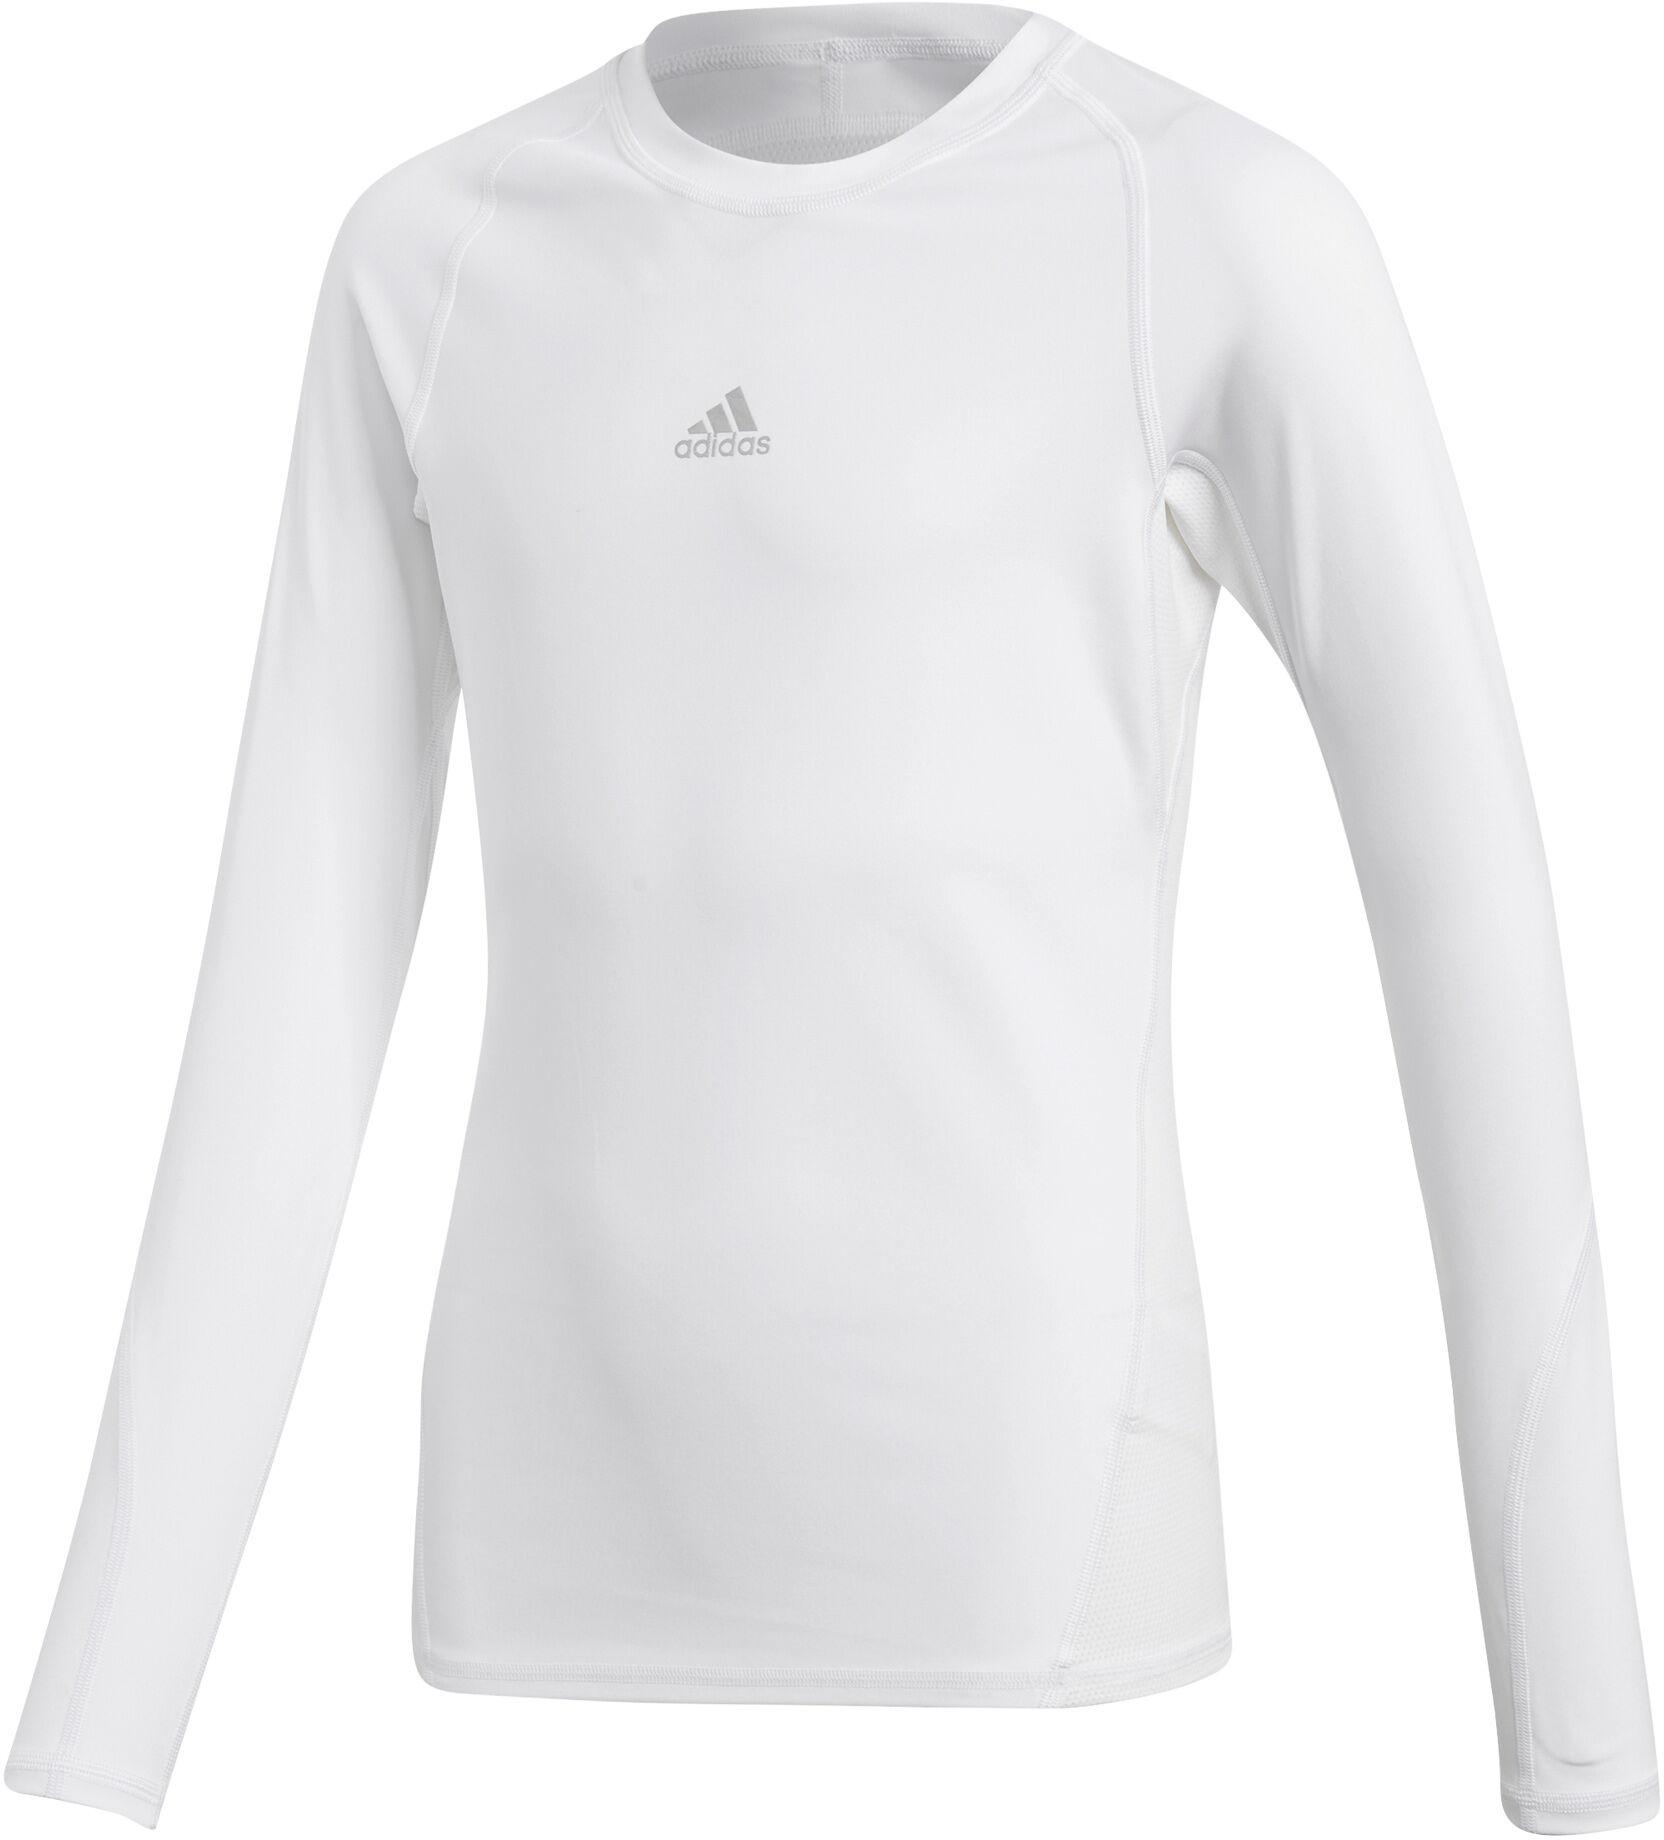 adidas Alphaskin Sport fefér férfi aláöltöző póló